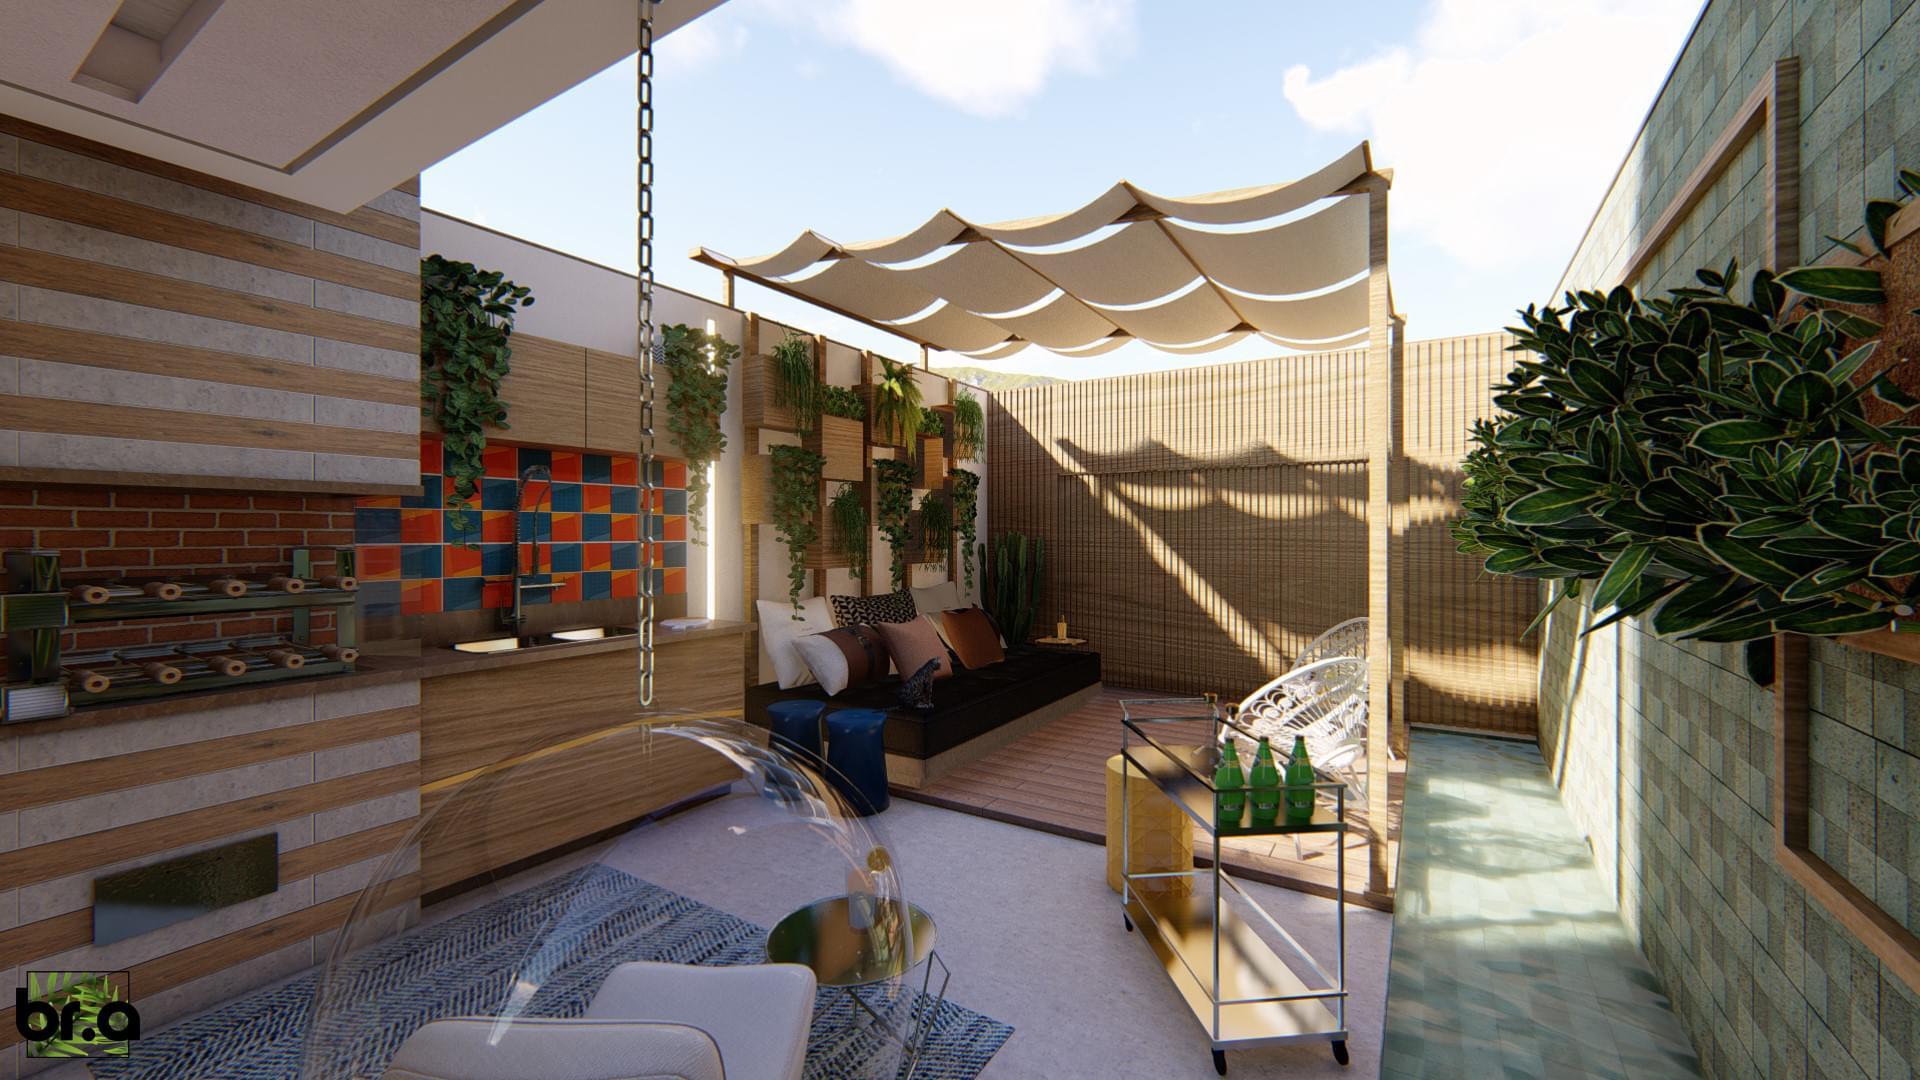 Residência RV - Brasilidade   Projetos e Obras